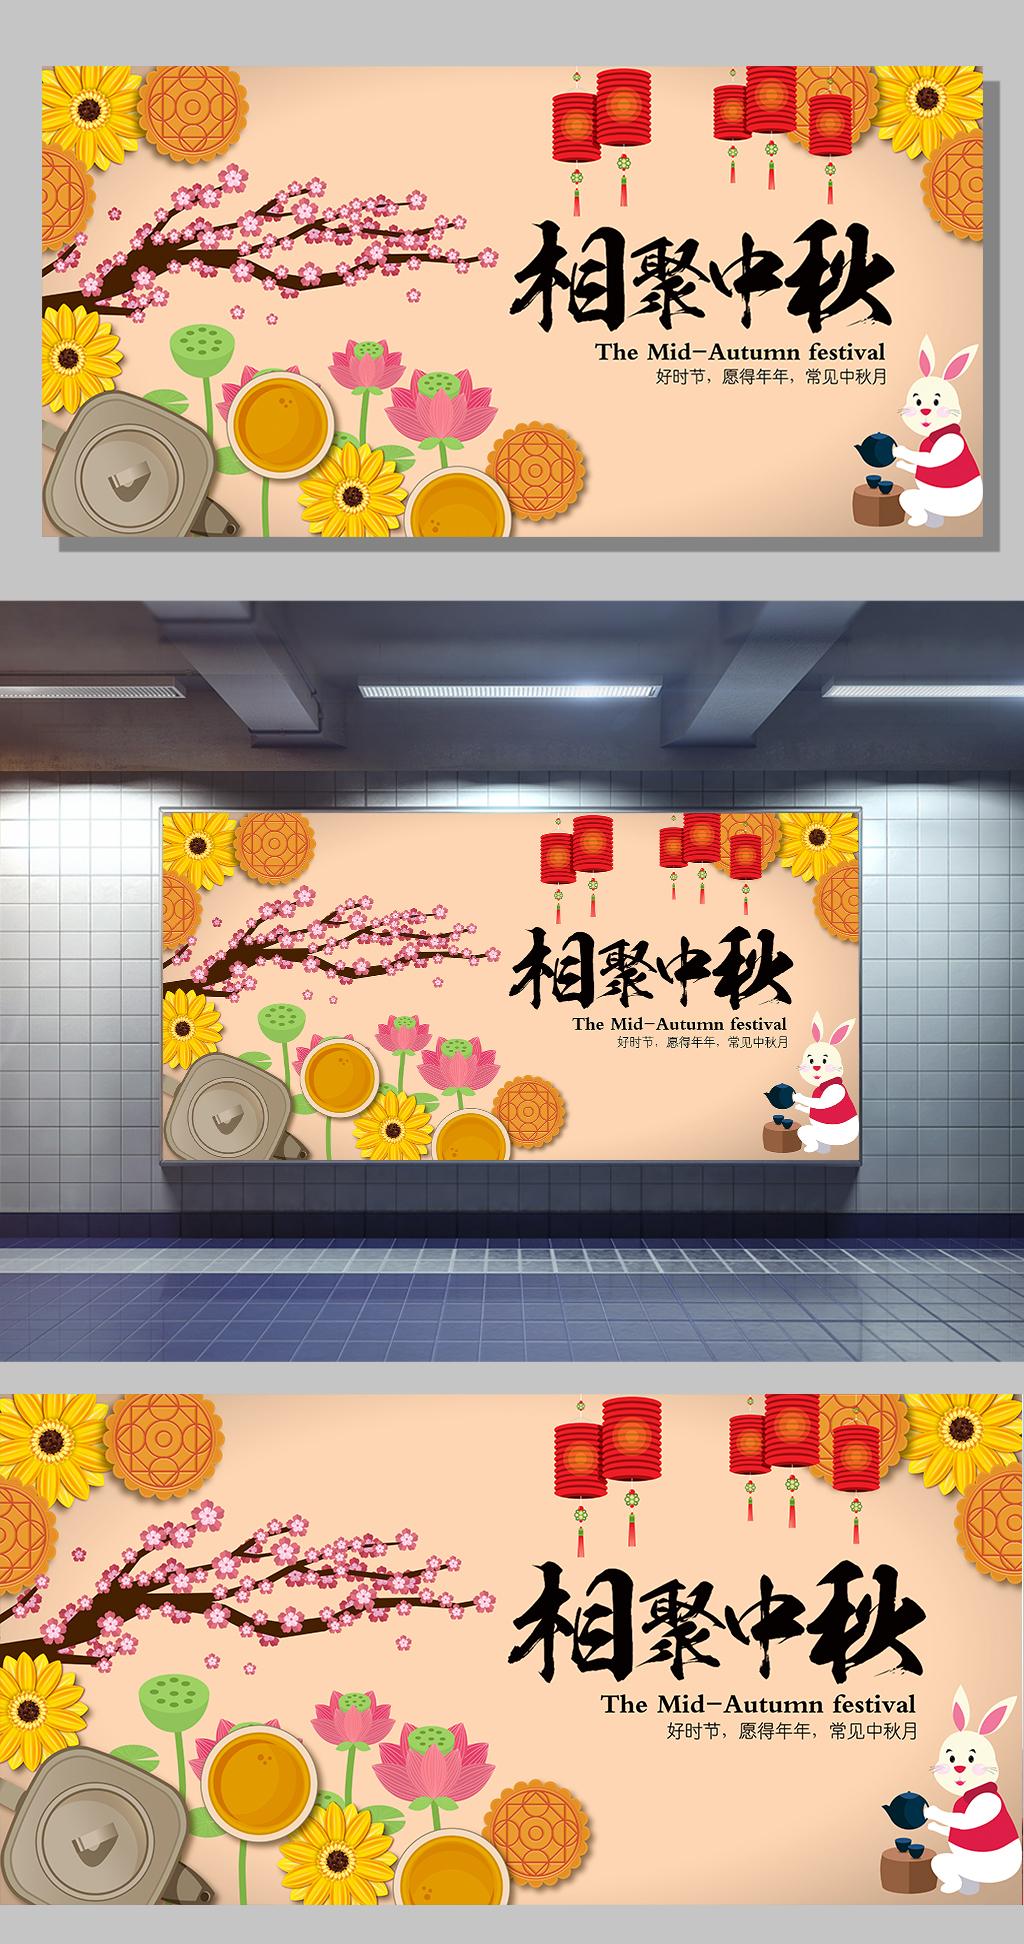 相聚中秋创意手绘清新节日中秋节展板